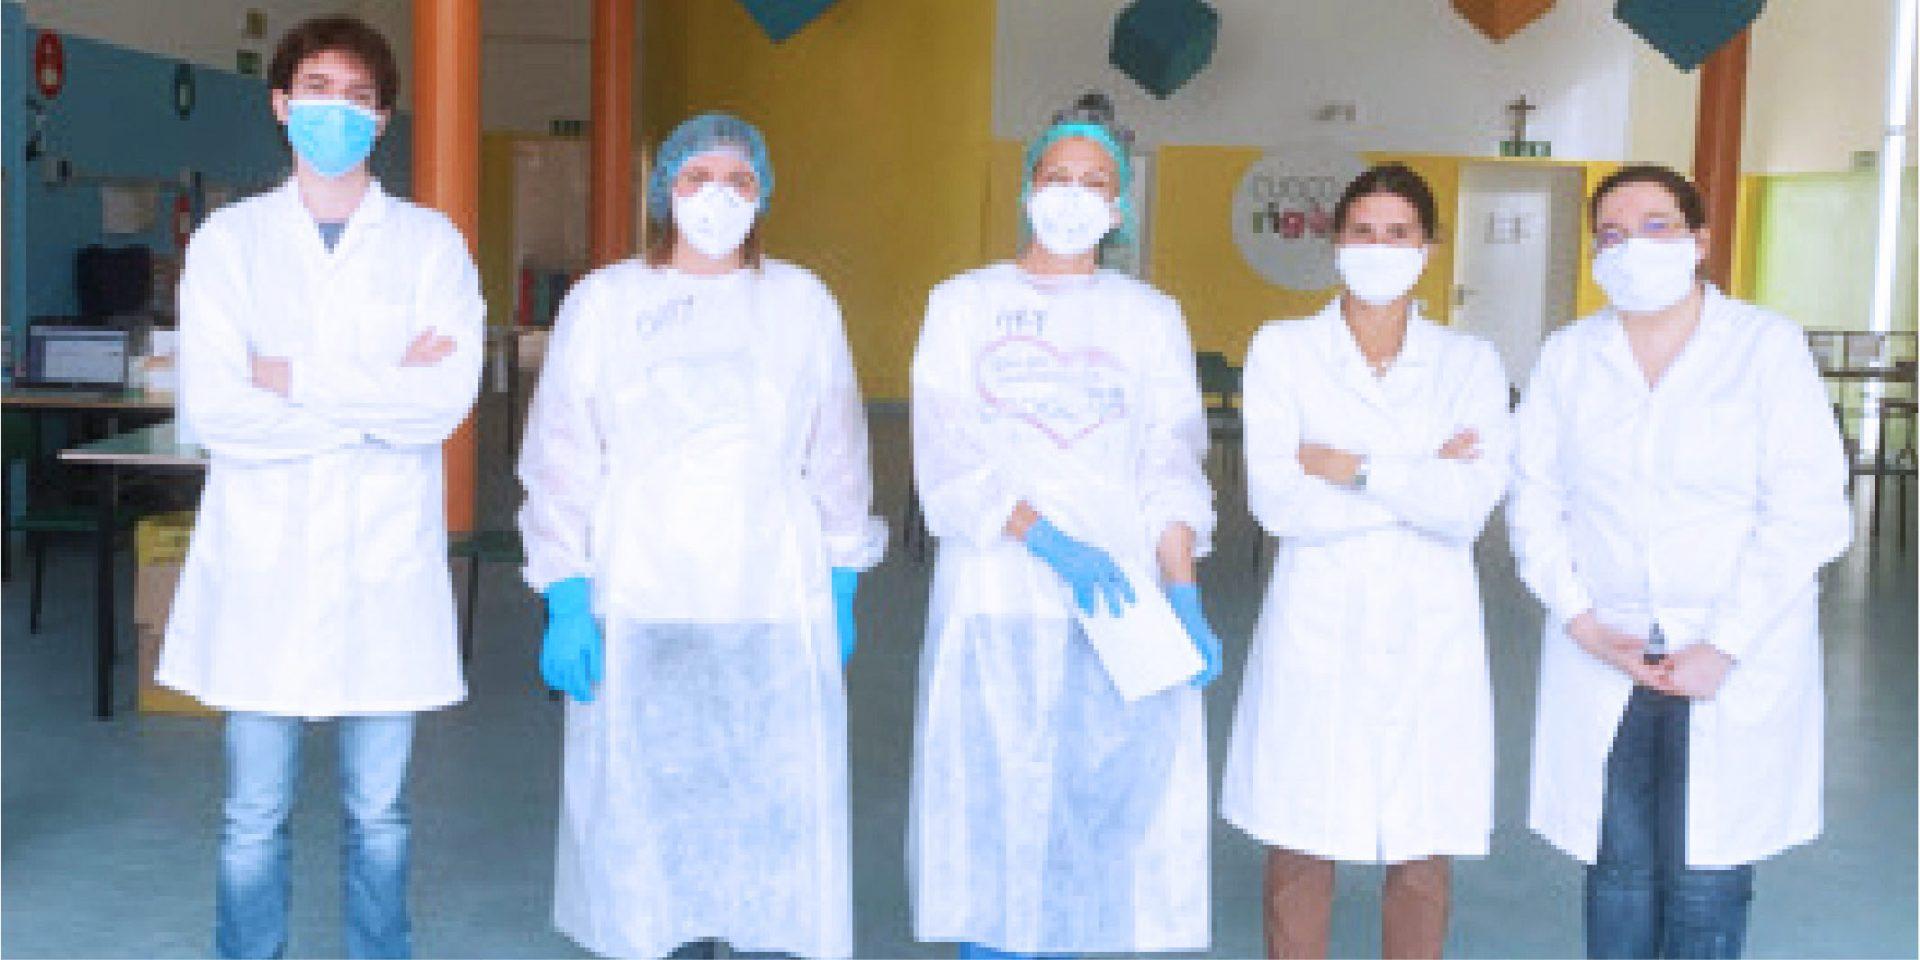 Studio epidemiologico - Castiglione d'adda